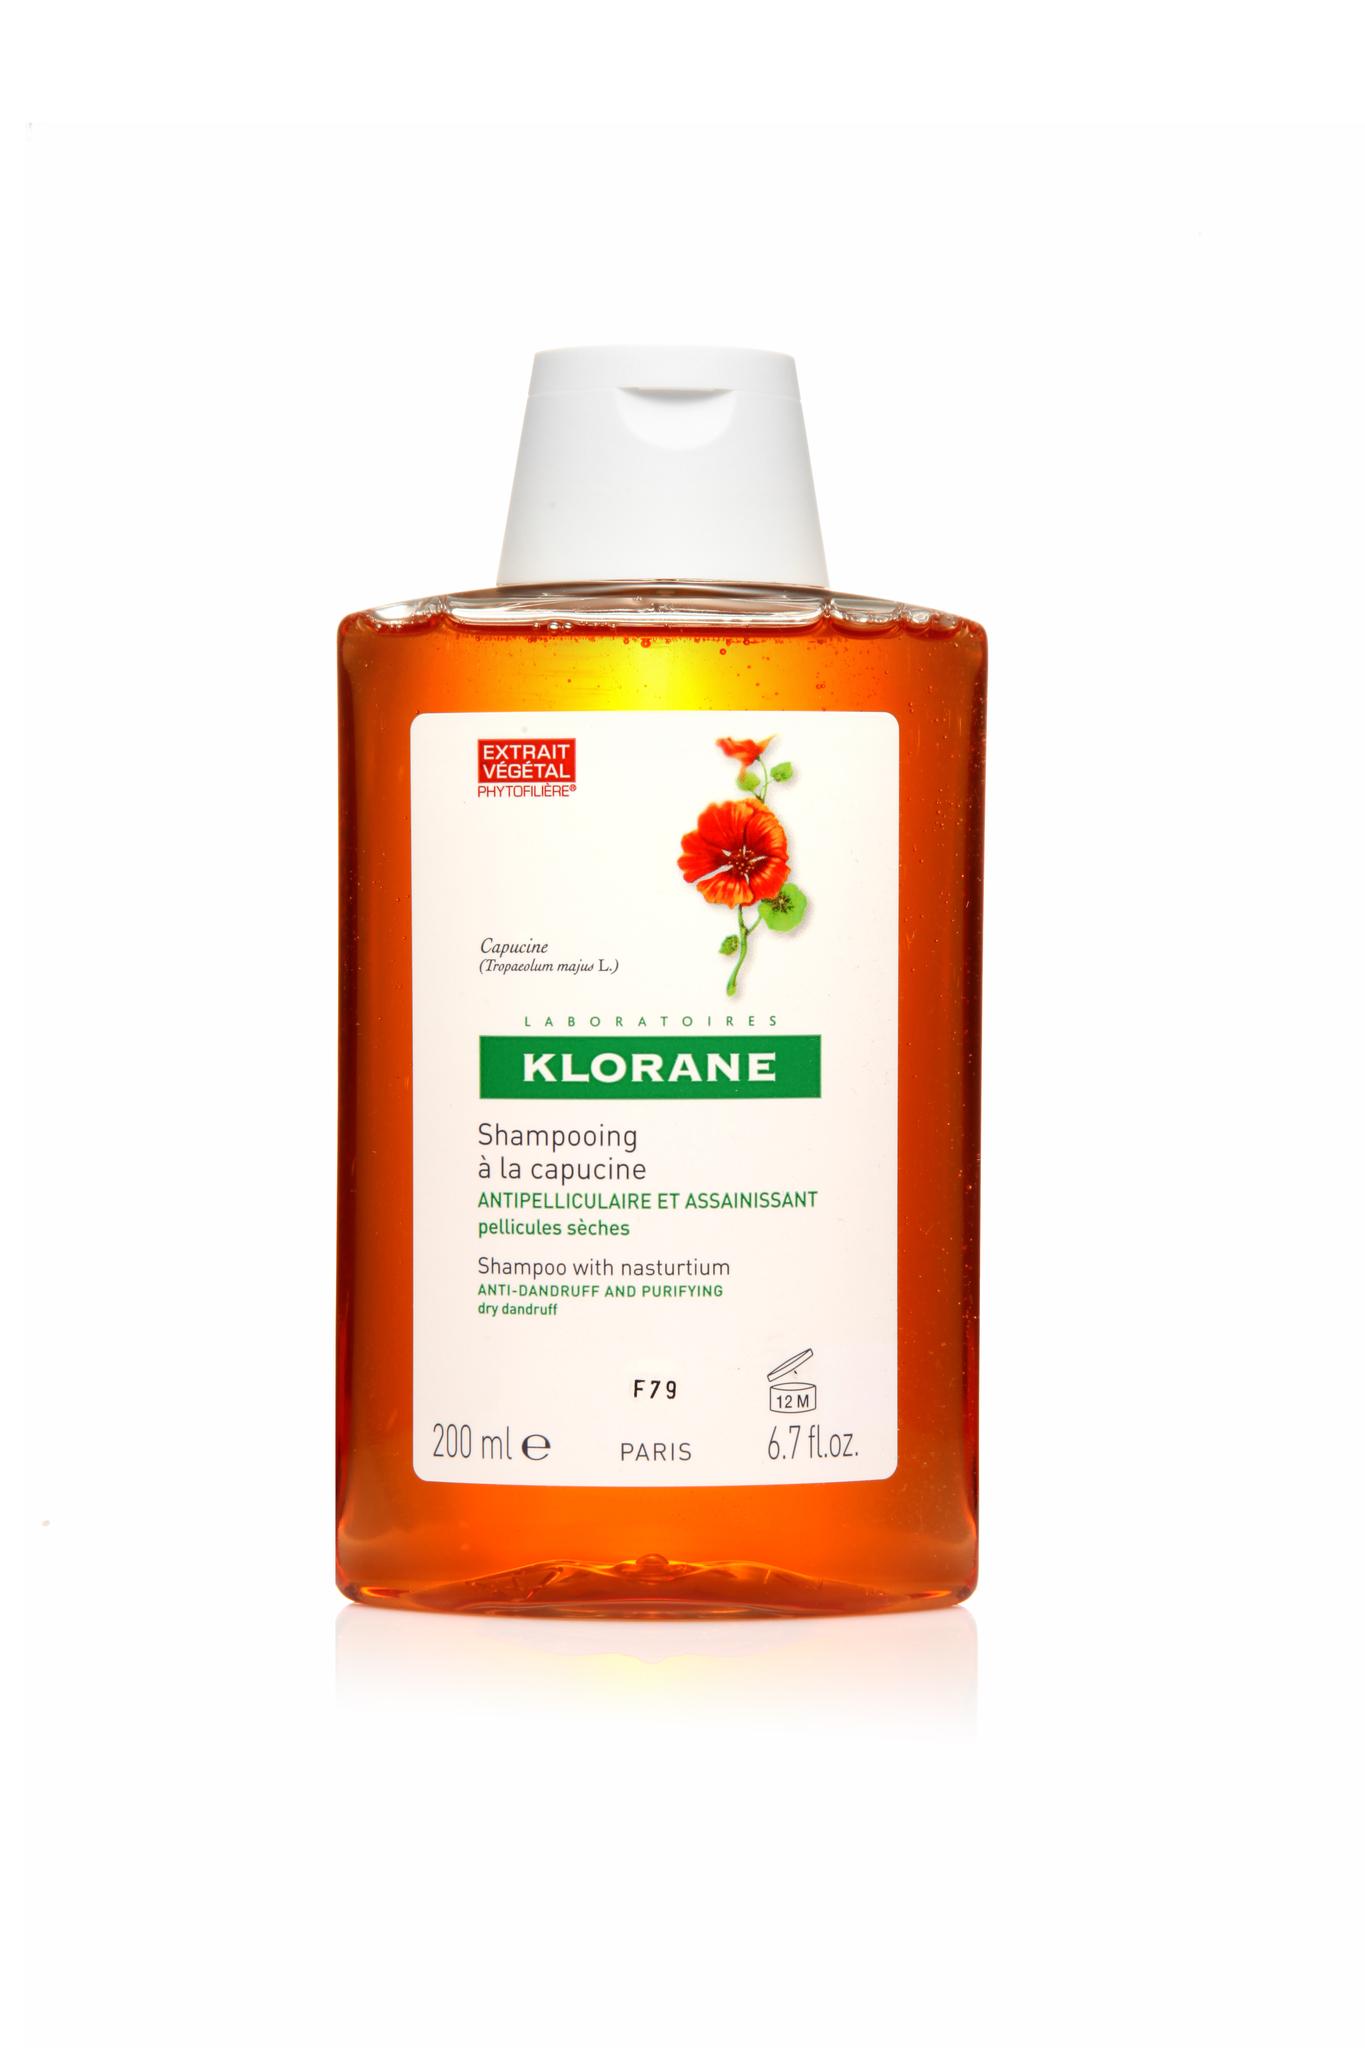 Klorane шампунь c экстрактом настурции от сухой перхоти 200 мл.